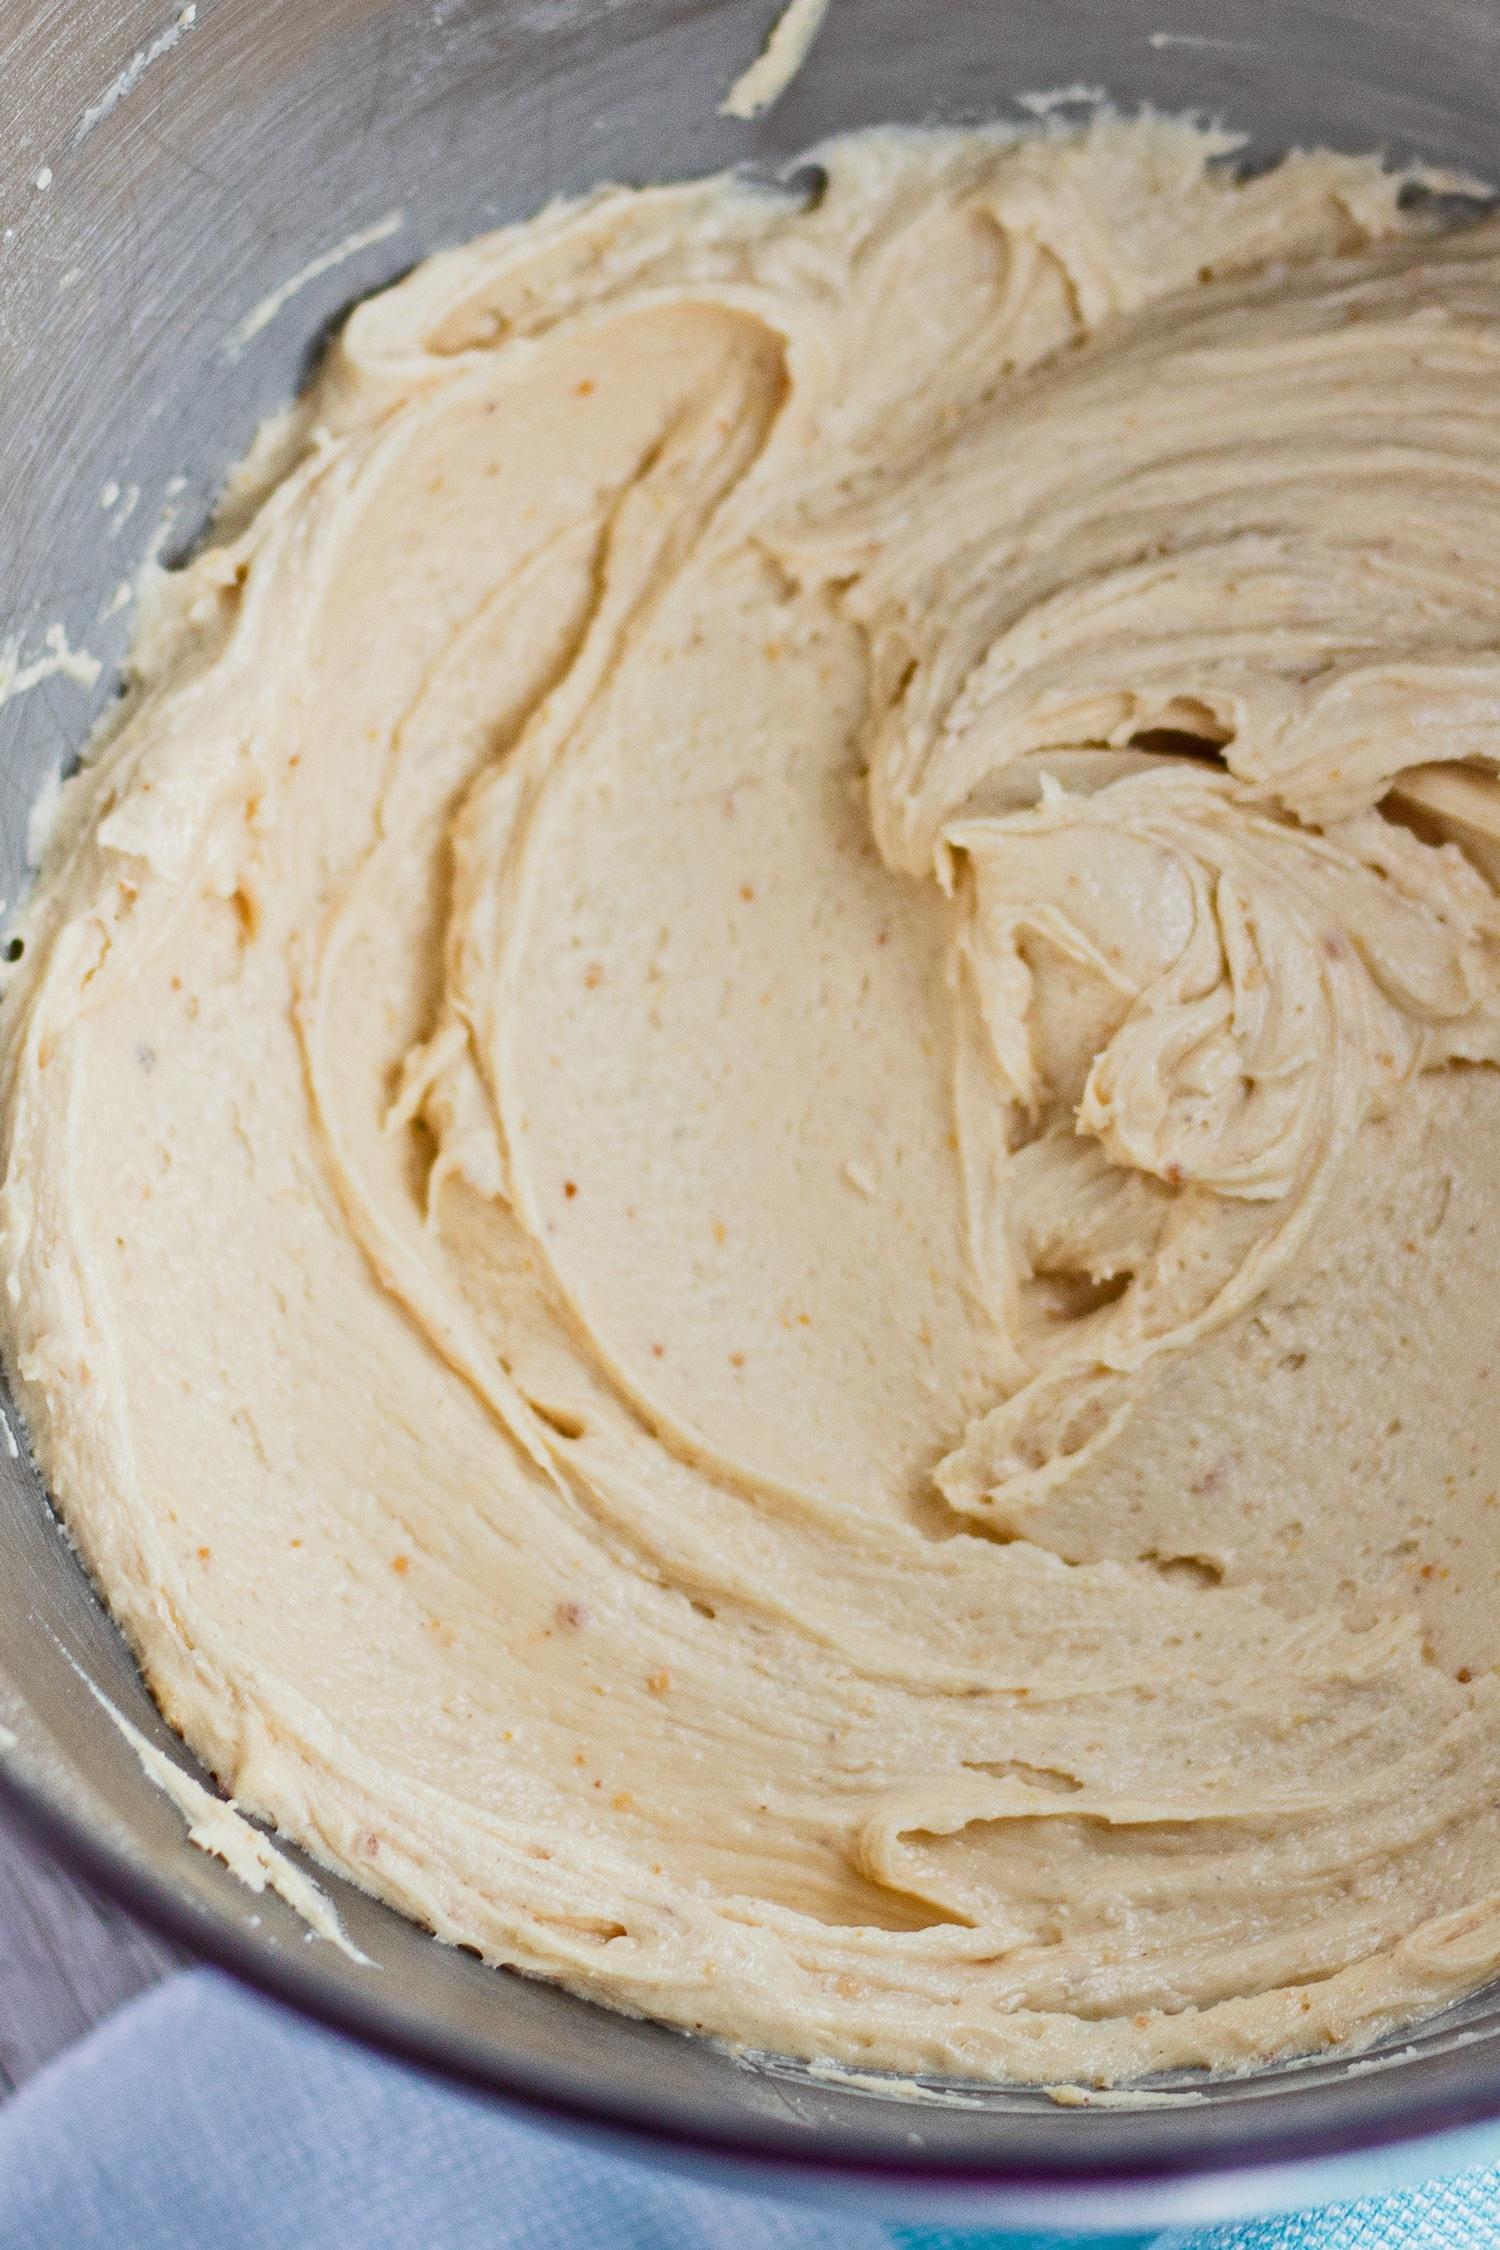 علوية رأسية مقربة من صقيع جبنة كريمة زبدة الفول السوداني في وعاء الخلاط